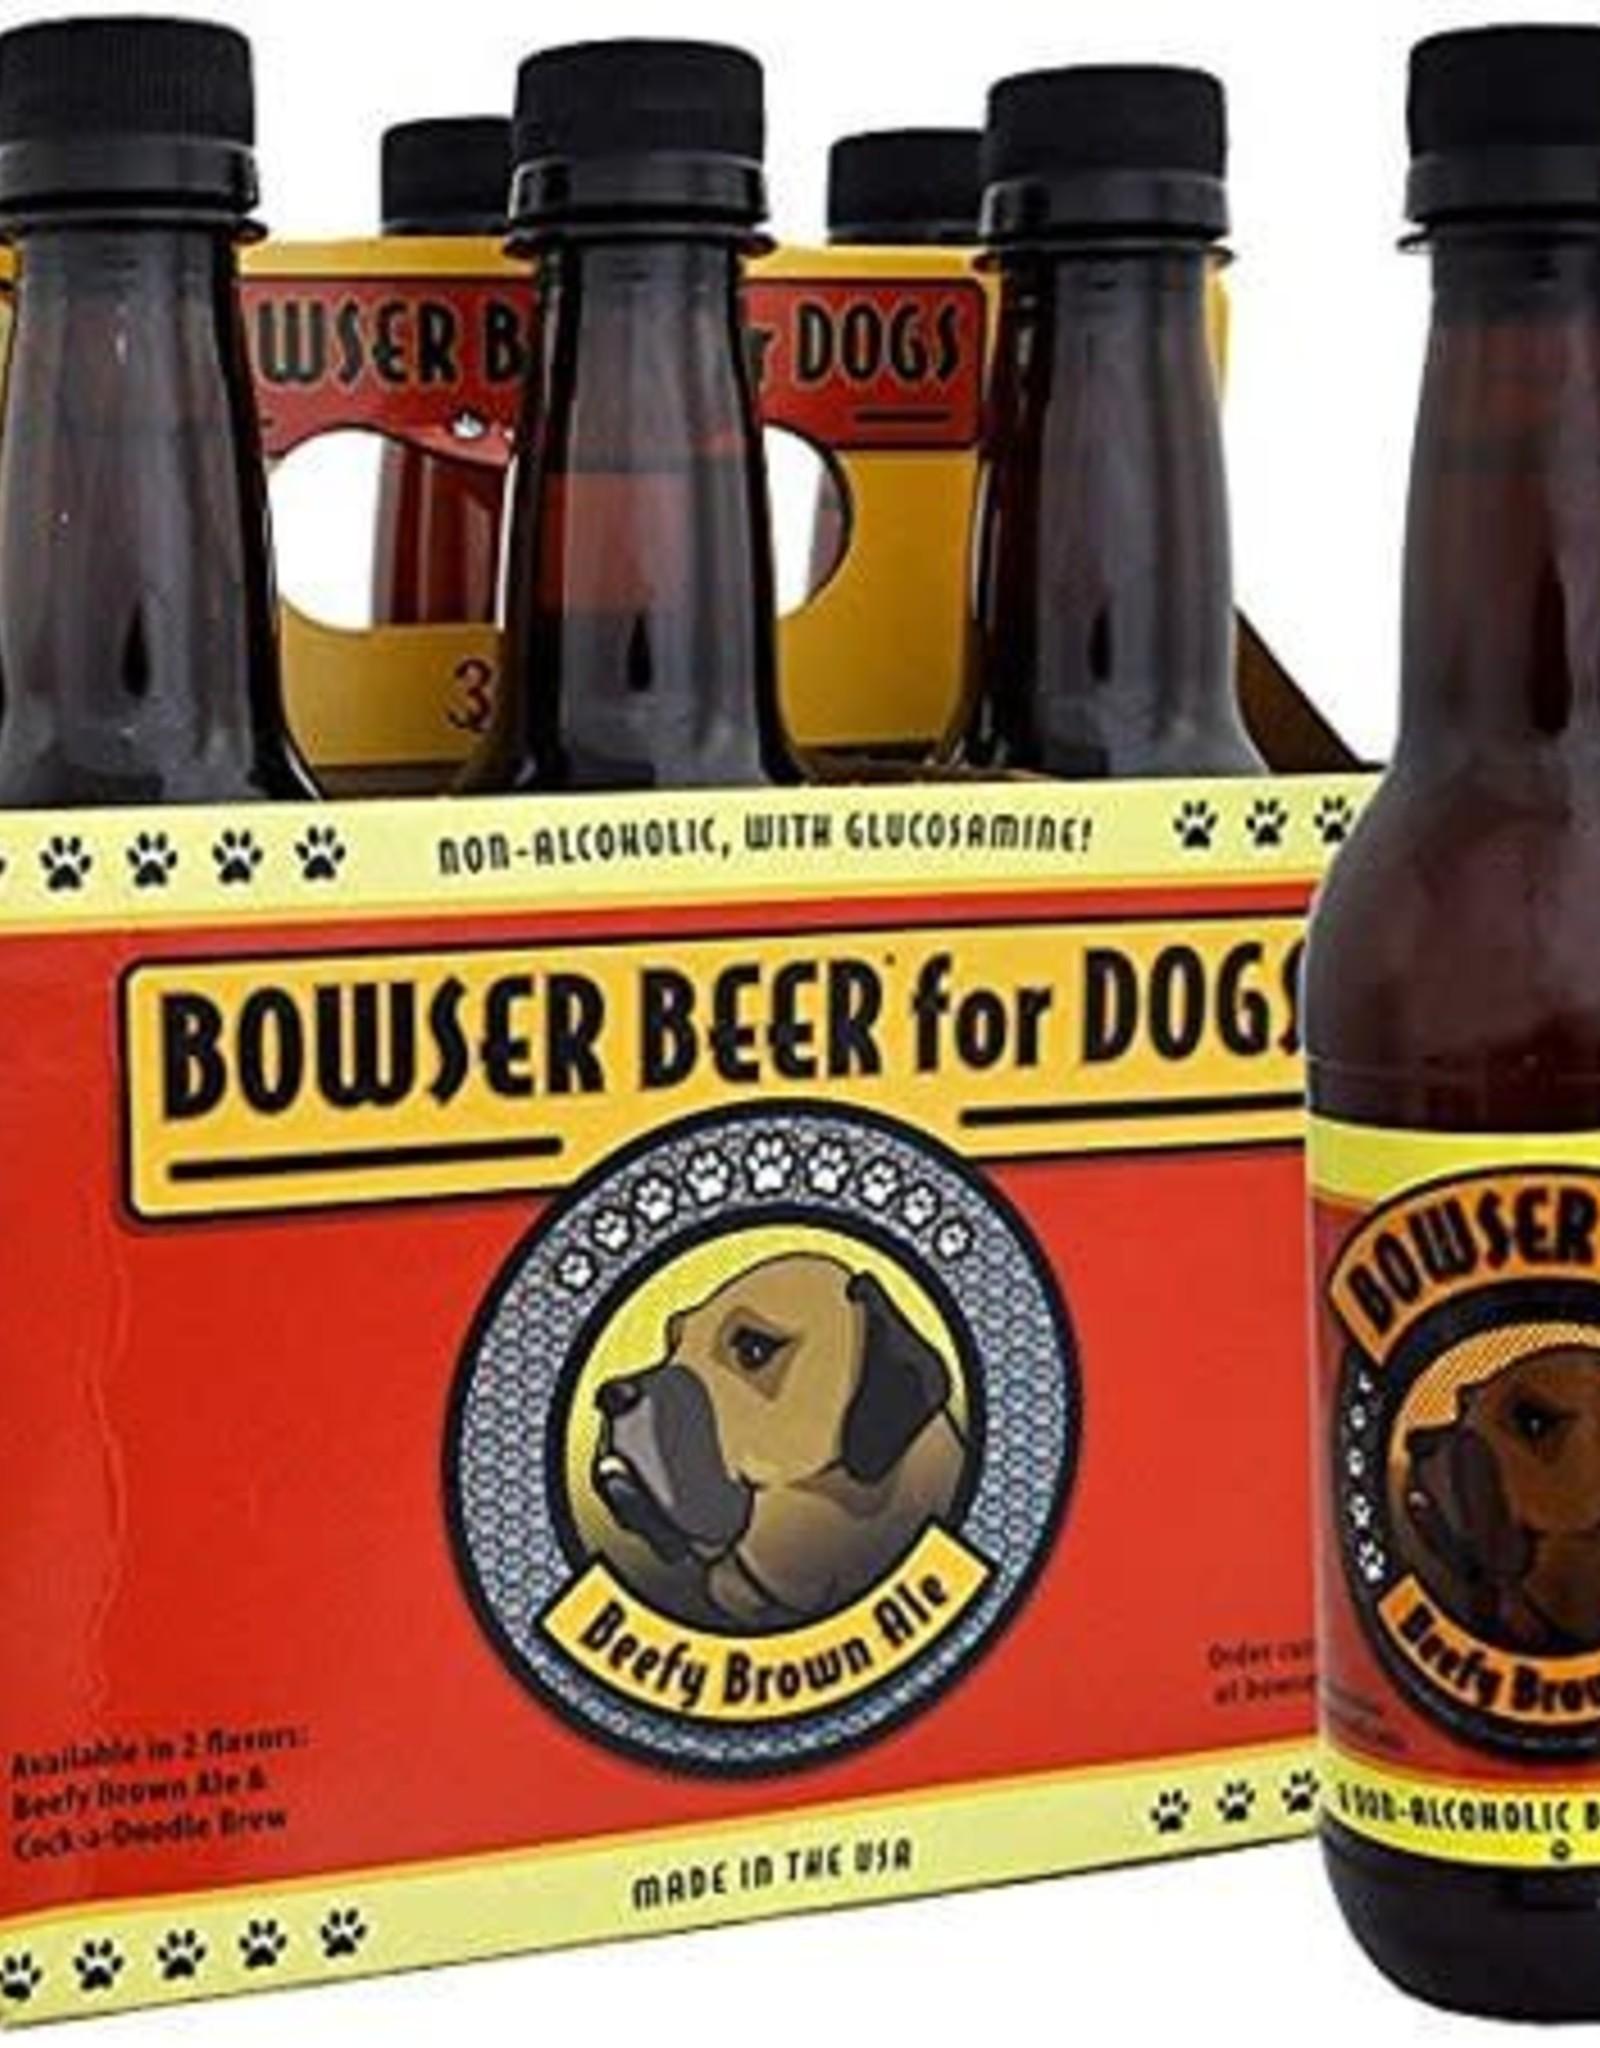 Bowser Beer Bowser Beer Beefy Brown Ale - Beef